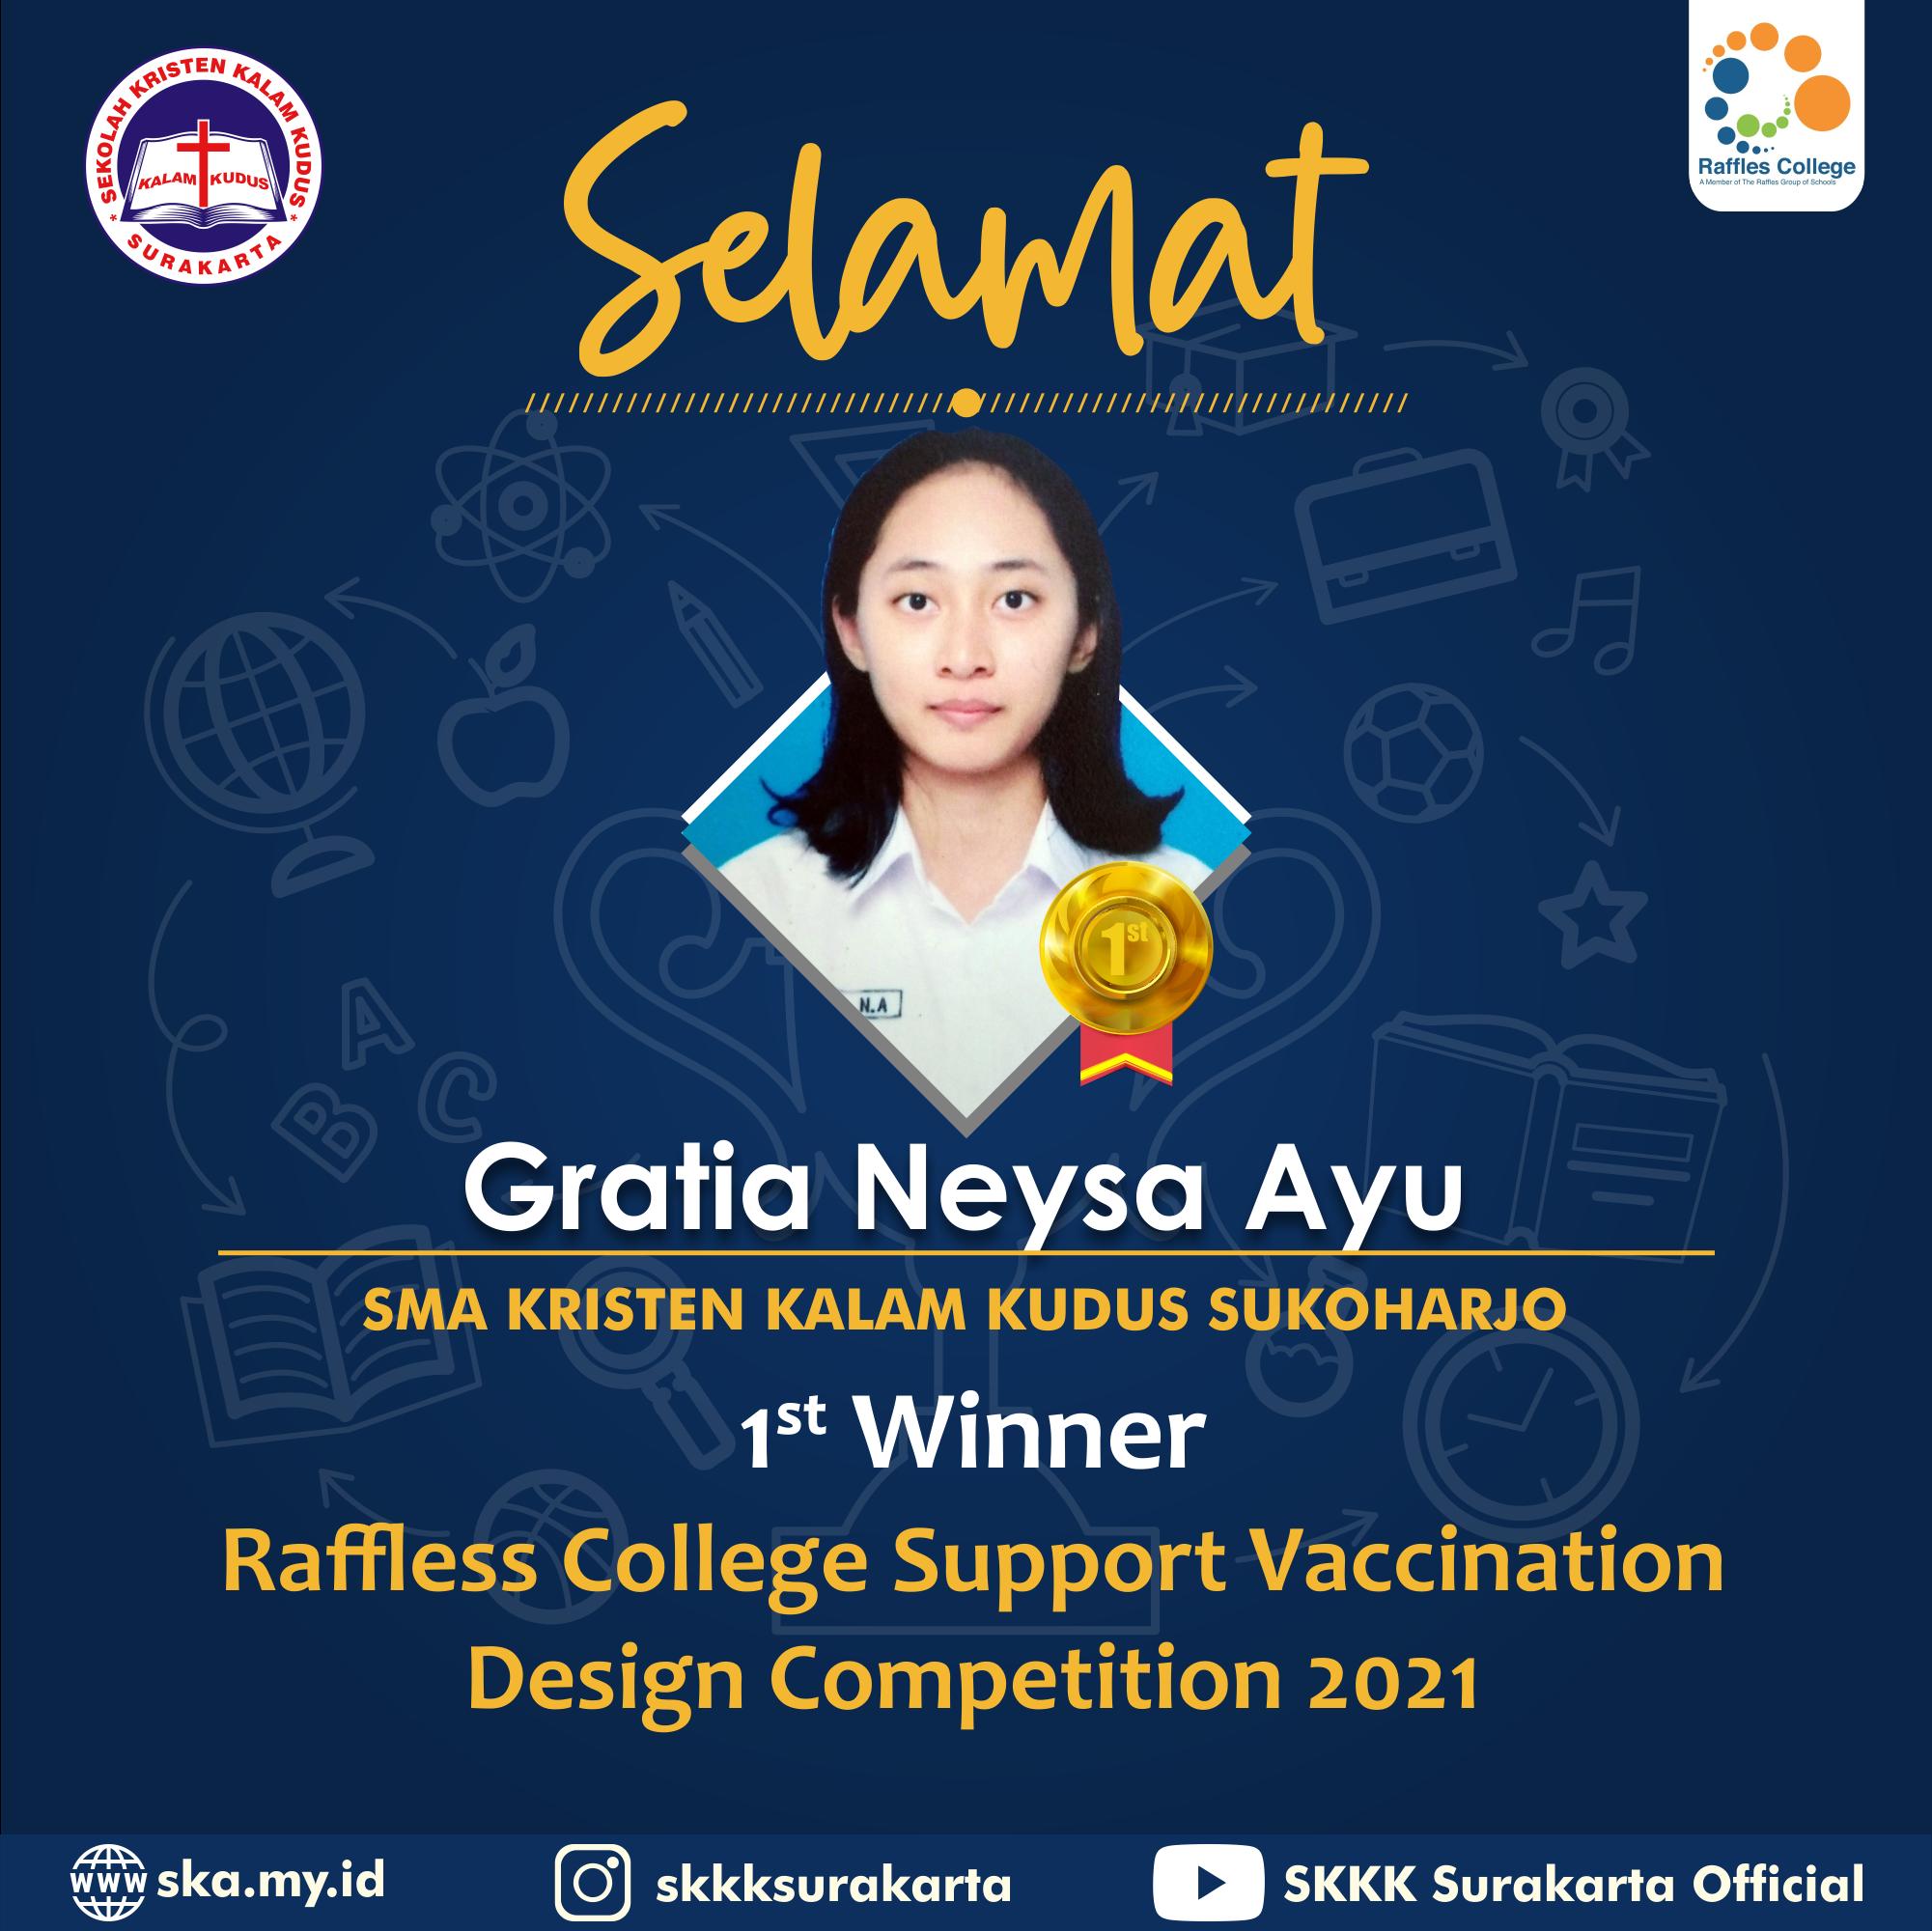 Gratia Neysa Ayu Raih Peringkat Pertama dalam Kompetisi Desain Nasional